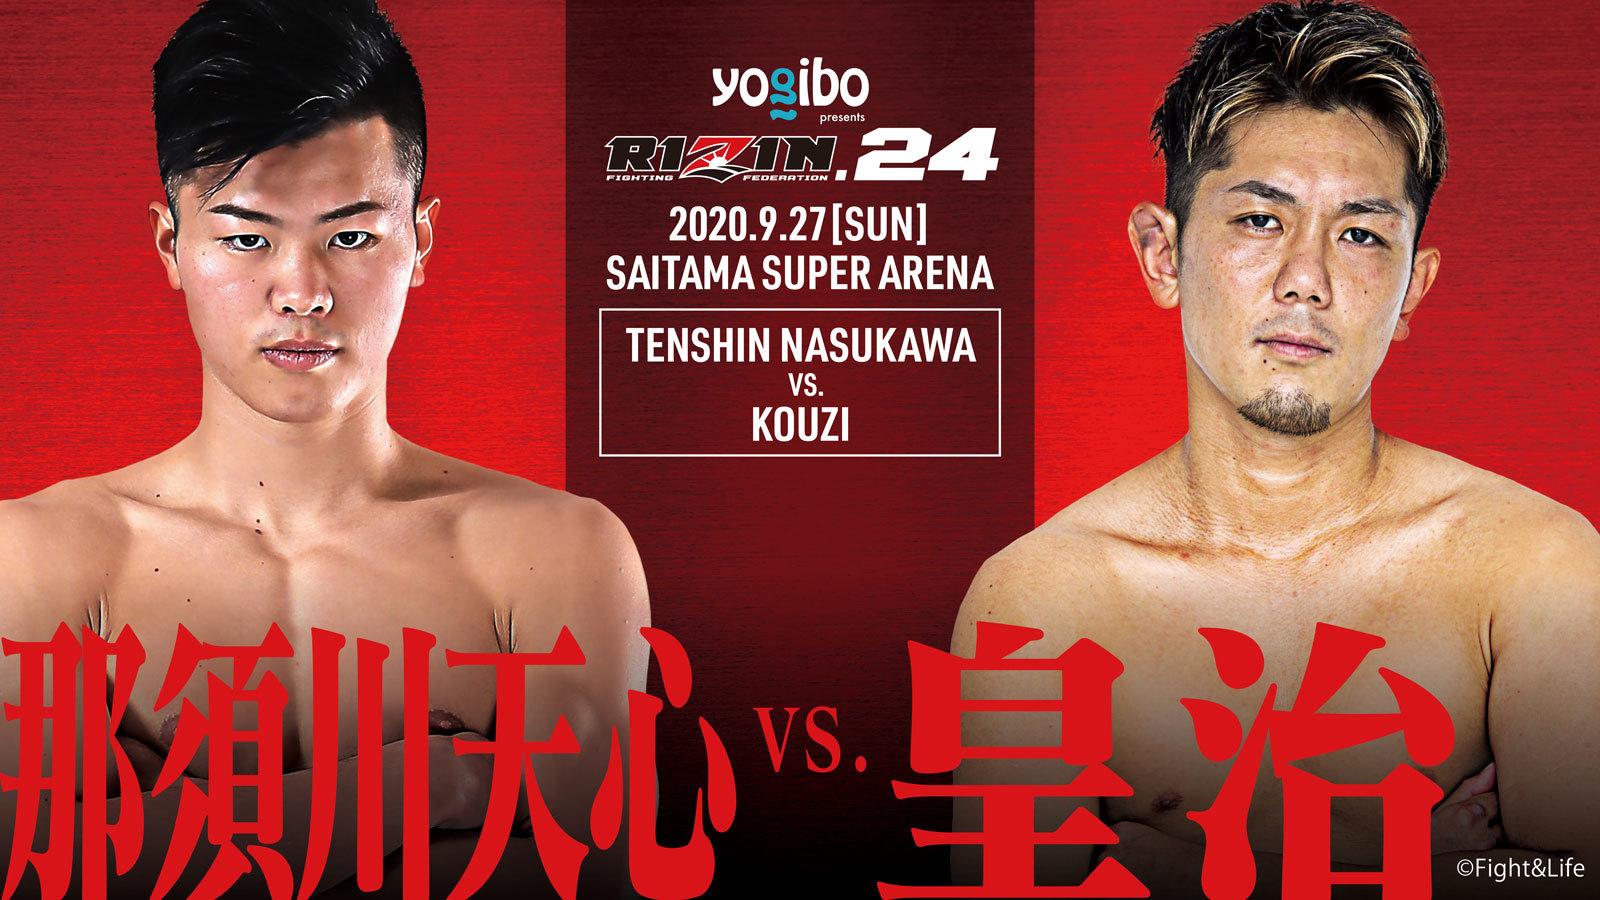 「スペシャルワンマッチ」として那須川天心と元K-1皇治が対戦する